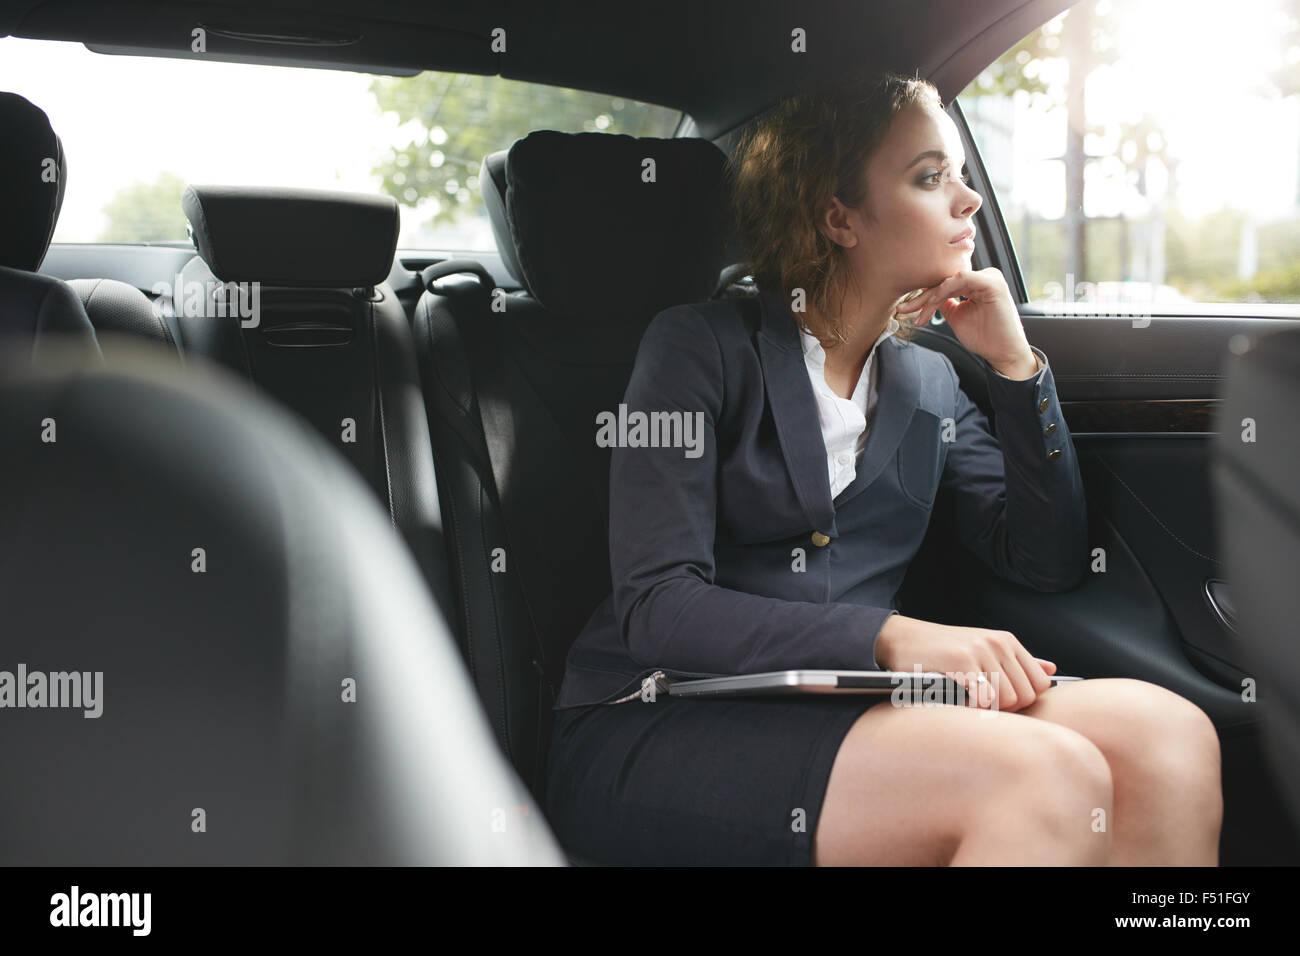 Junge Geschäftsfrau unterwegs, um in der Luxus-Auto auf dem Rücksitz schauen aus dem Fenster zu arbeiten. Stockbild